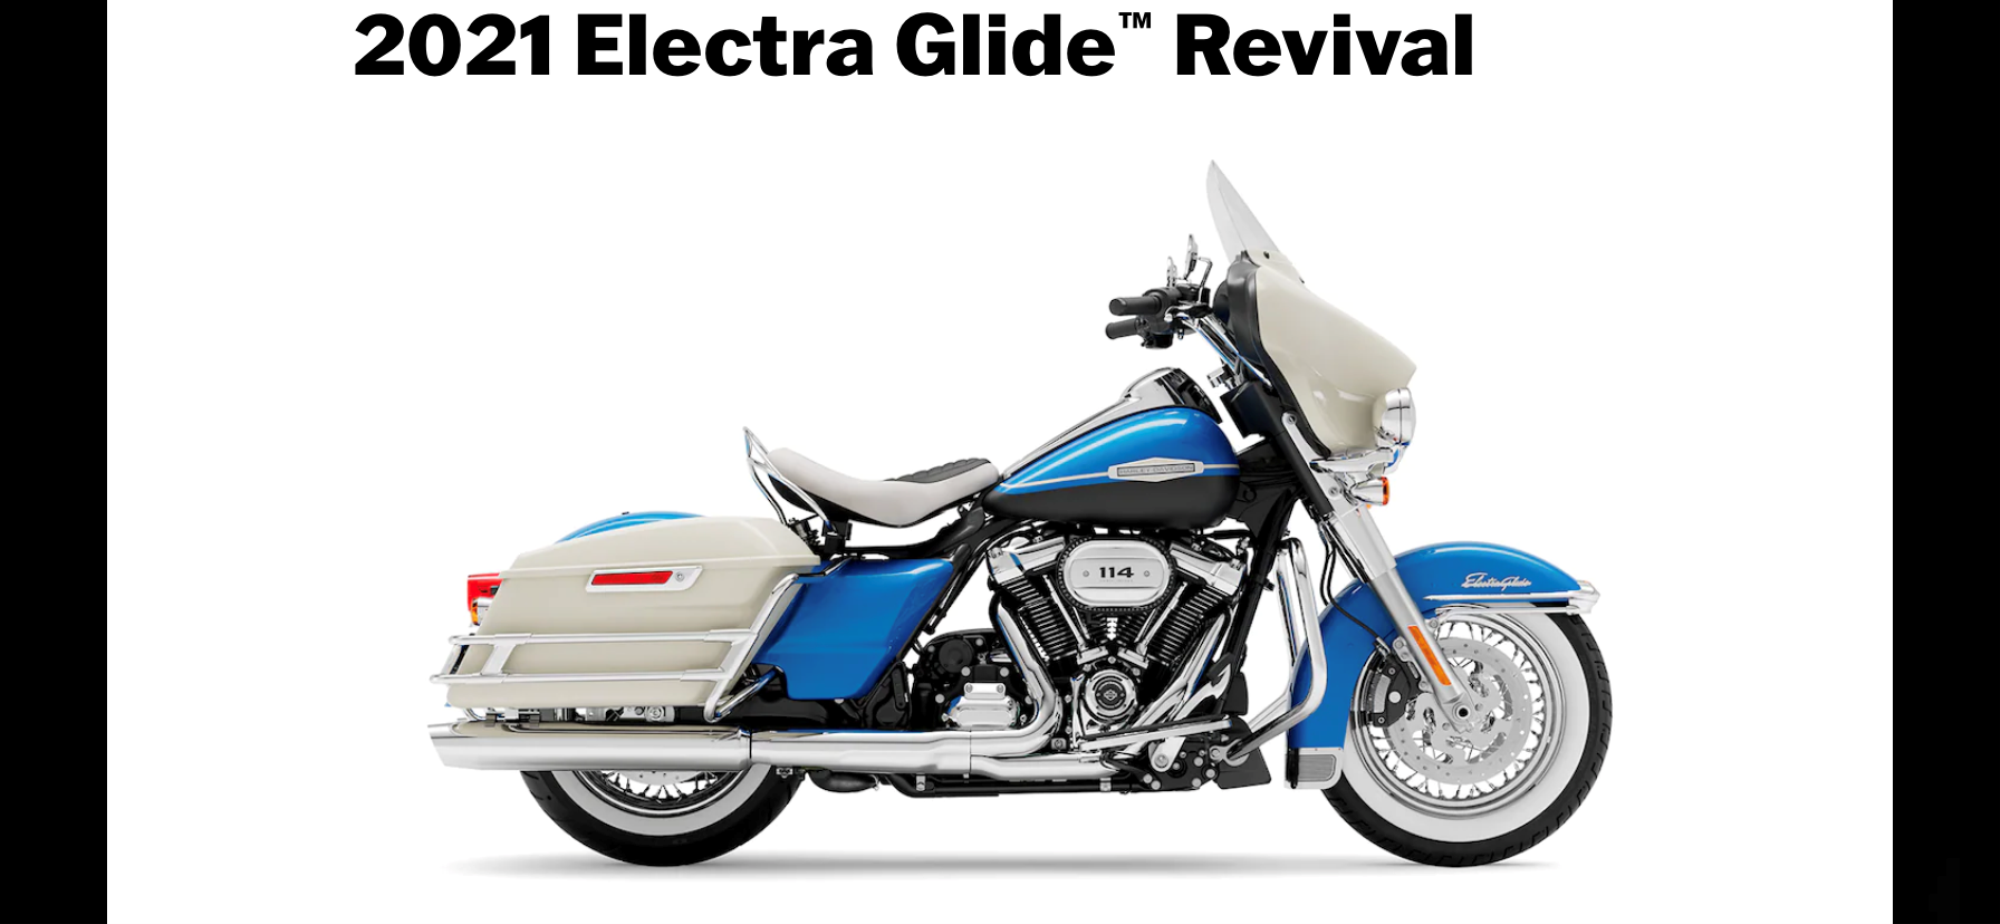 Harley Davidson Electra Glide Revival